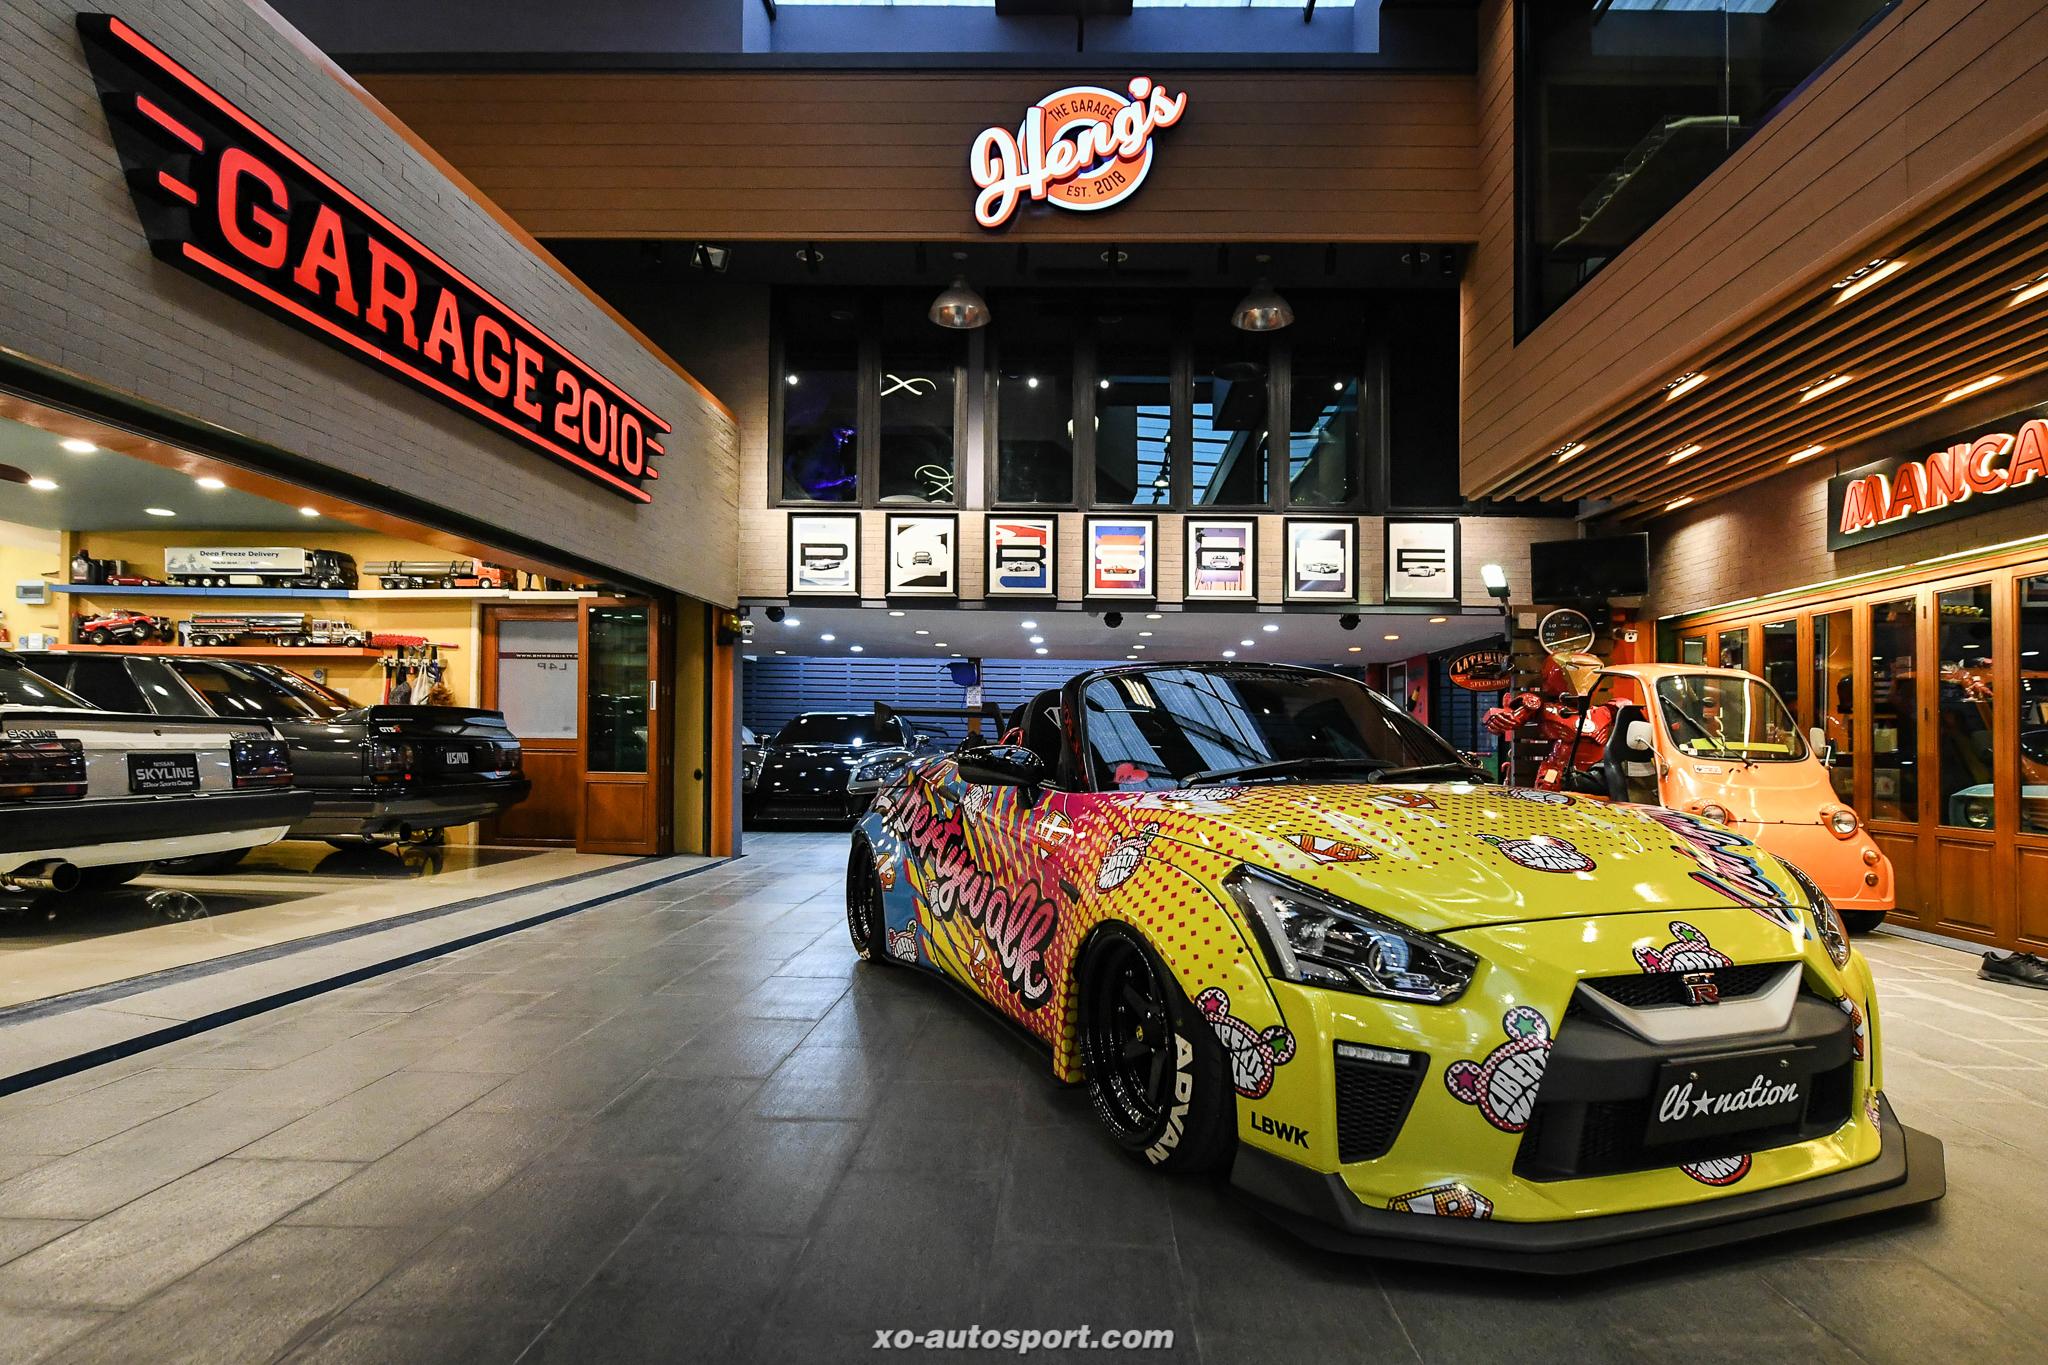 Heng Garage 12